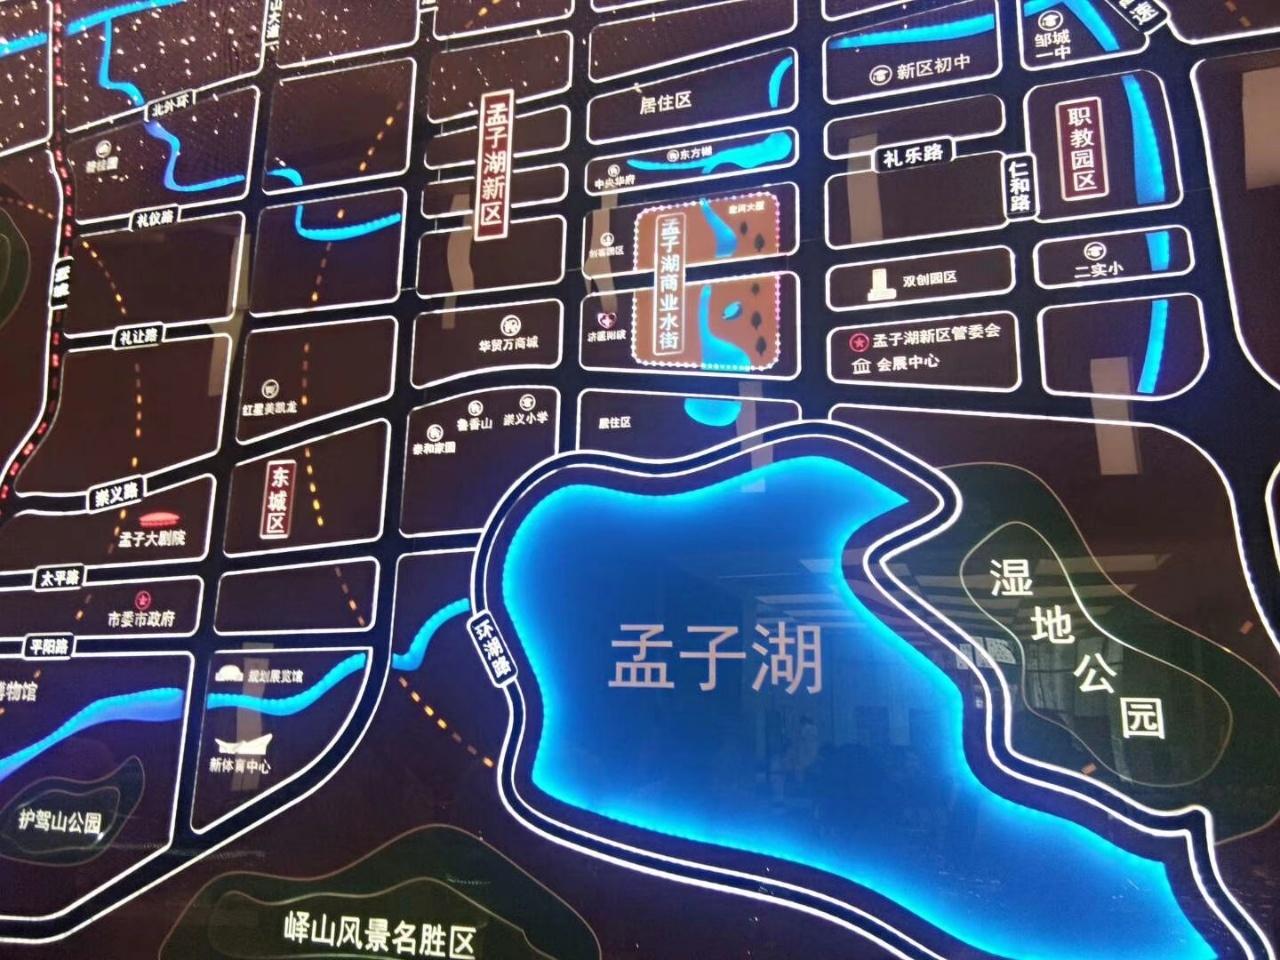 孟子湖商业水街门头出售总价30万元